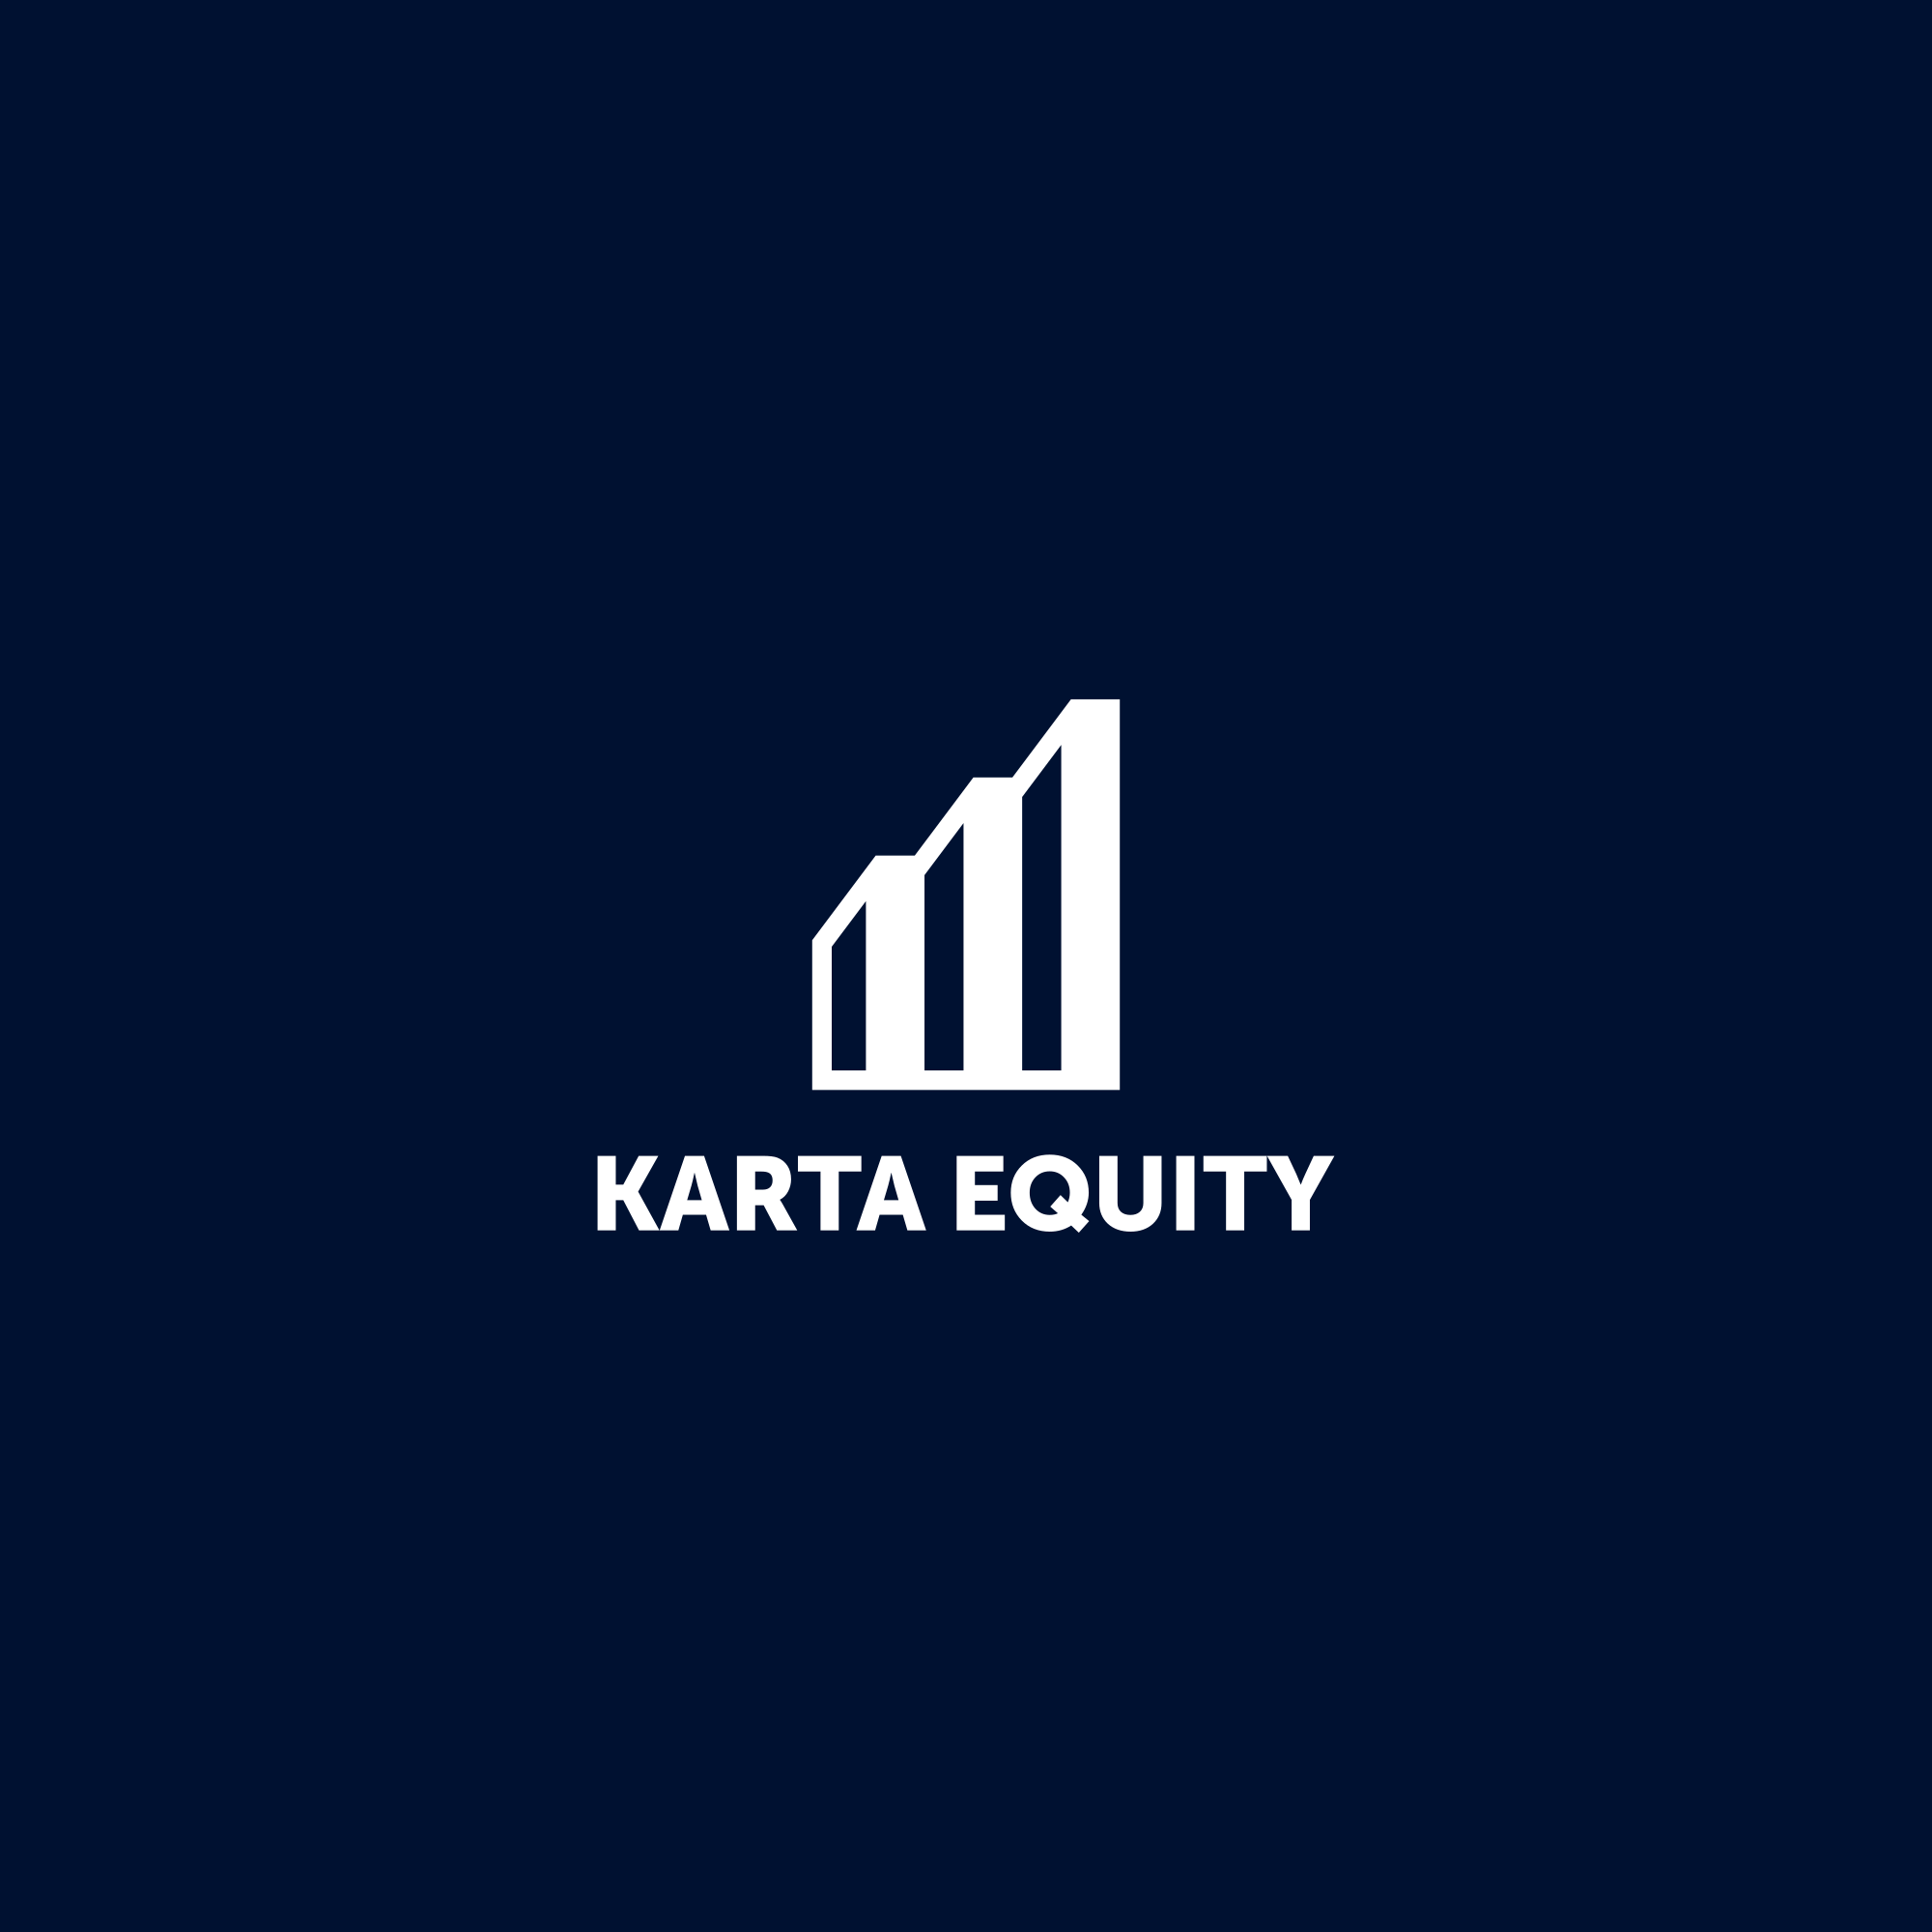 Логотип для компании инвестироваюшей в жилую недвижимость фото f_8415e1238c02d555.png